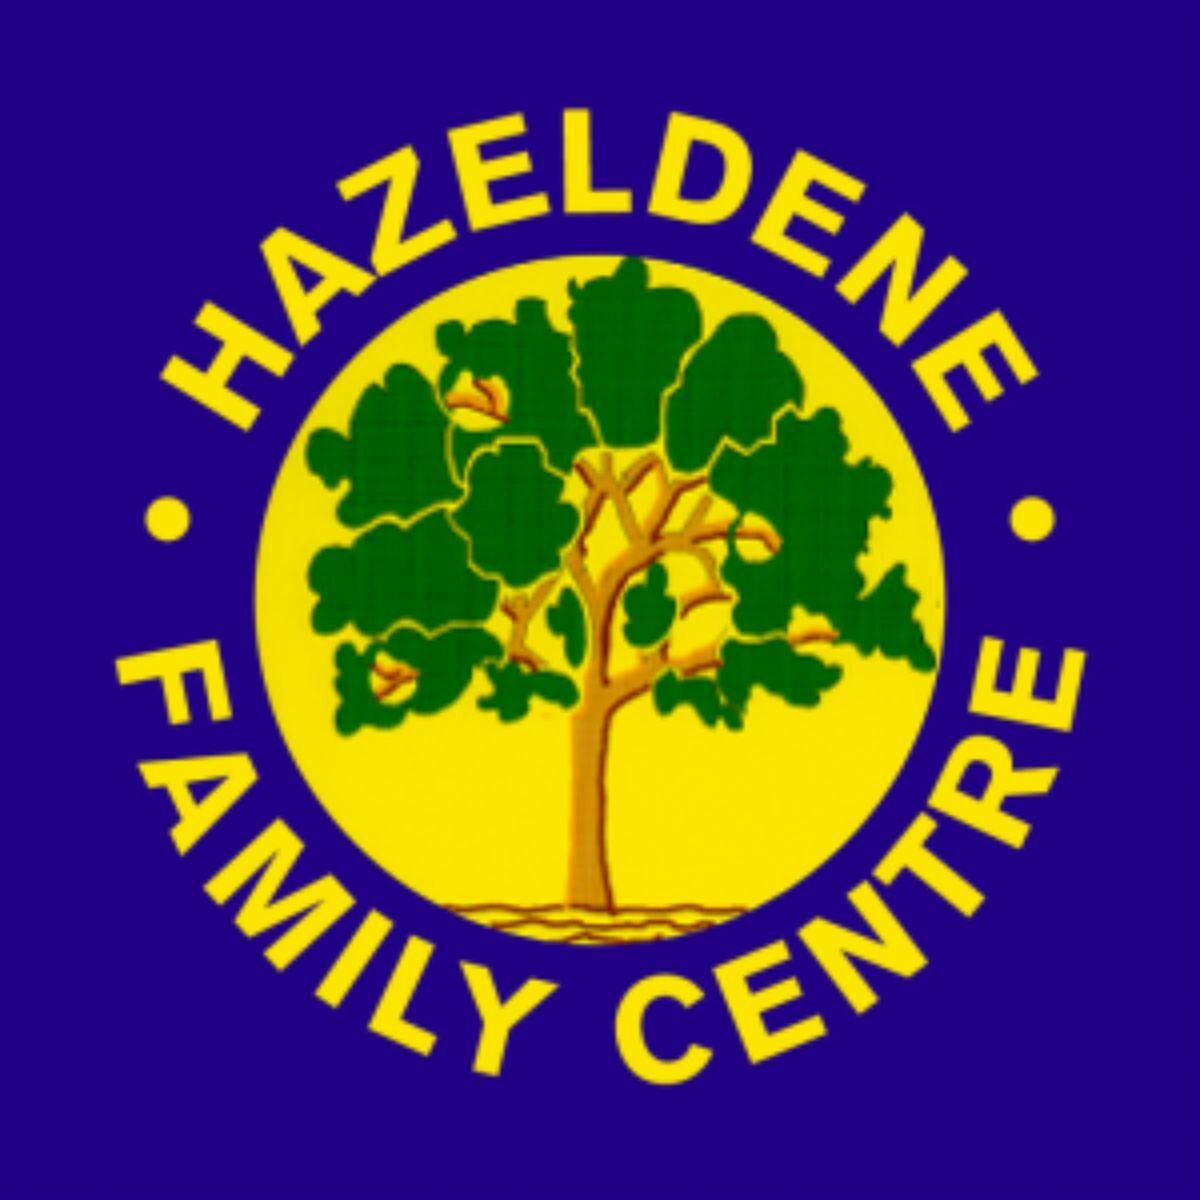 Hazeldene Family Centre